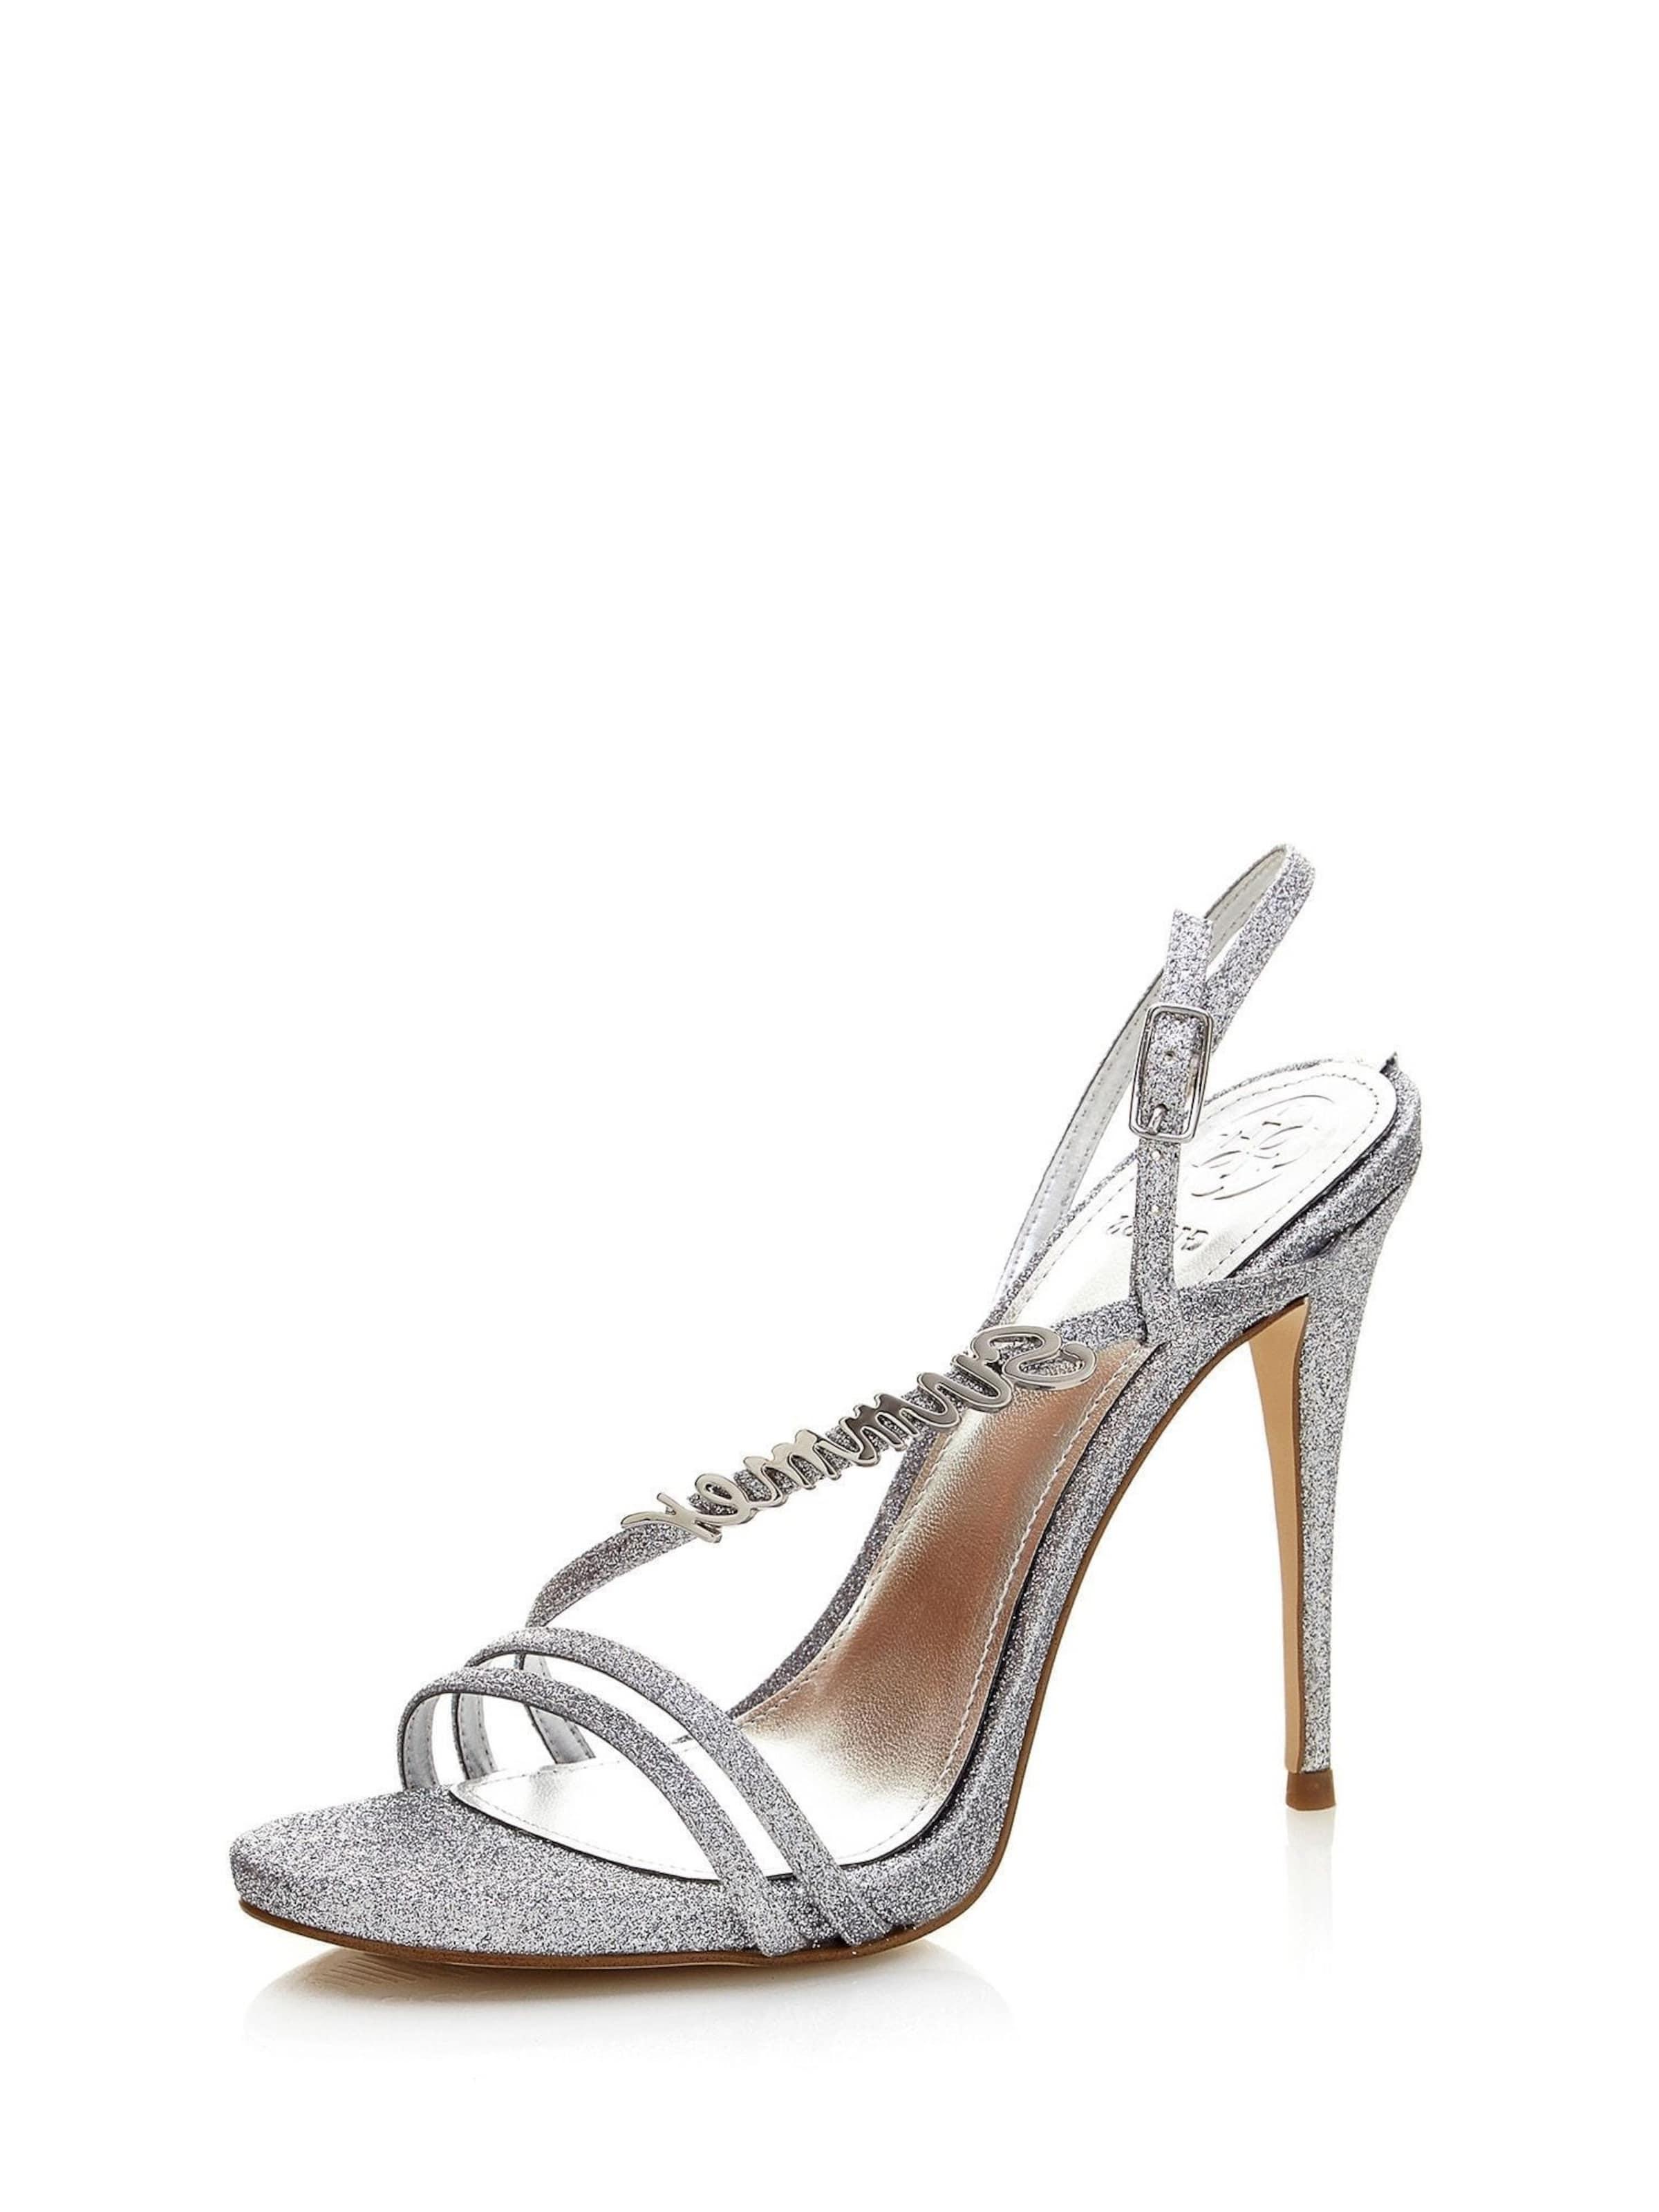 GUESS SANDALETTE TILDA Verschleißfeste billige Schuhe